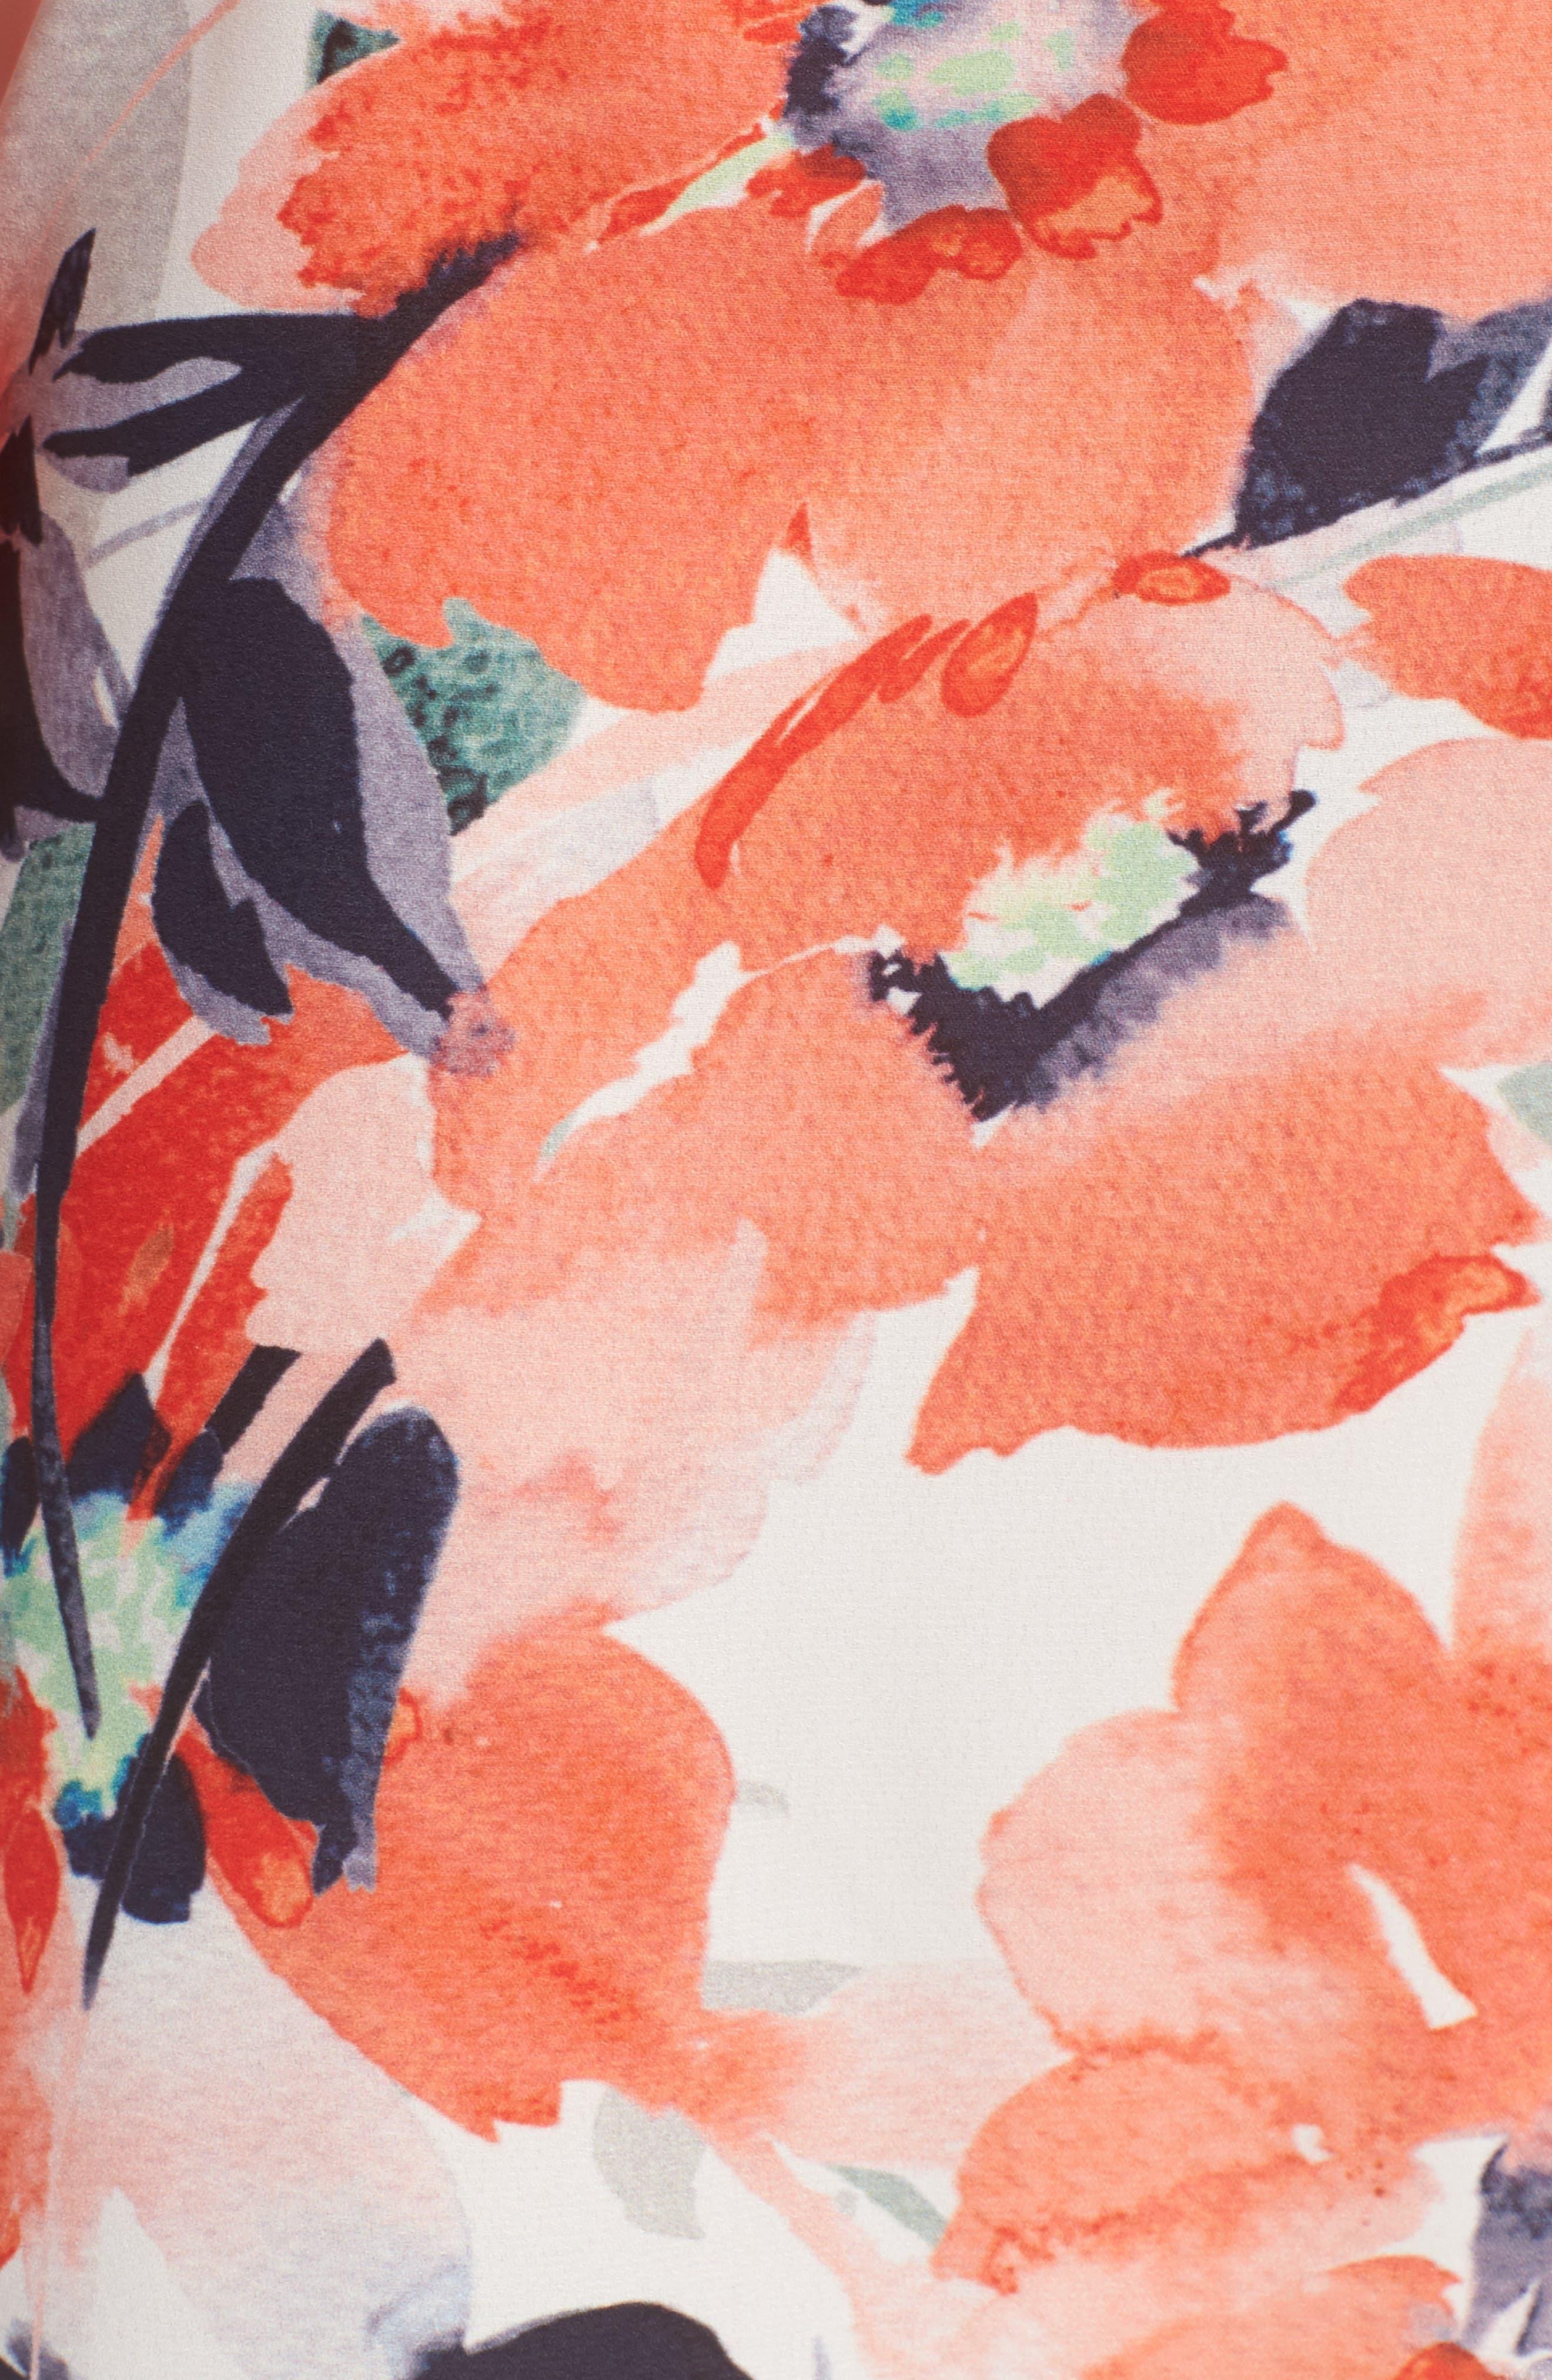 Bishop + Young Chrissy Cold Shoulder Dress,                             Alternate thumbnail 5, color,                             600